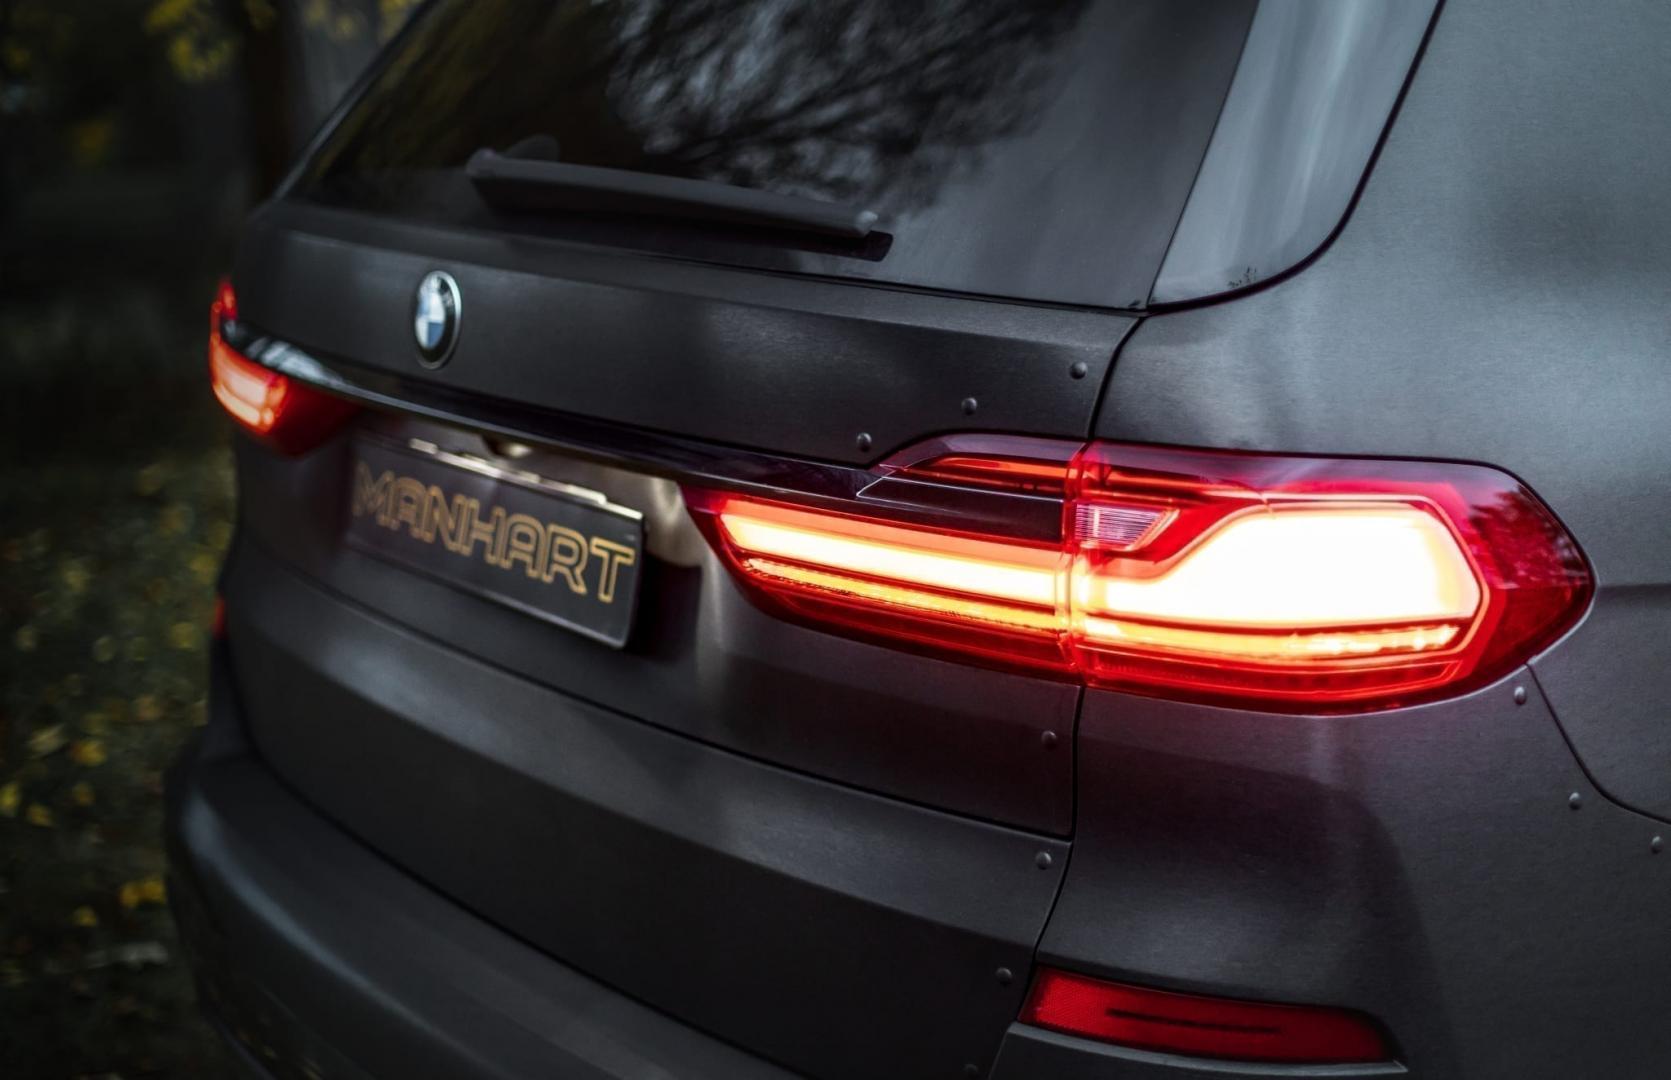 BMW X7 MHX7 650 Dirt Edition door Manhart